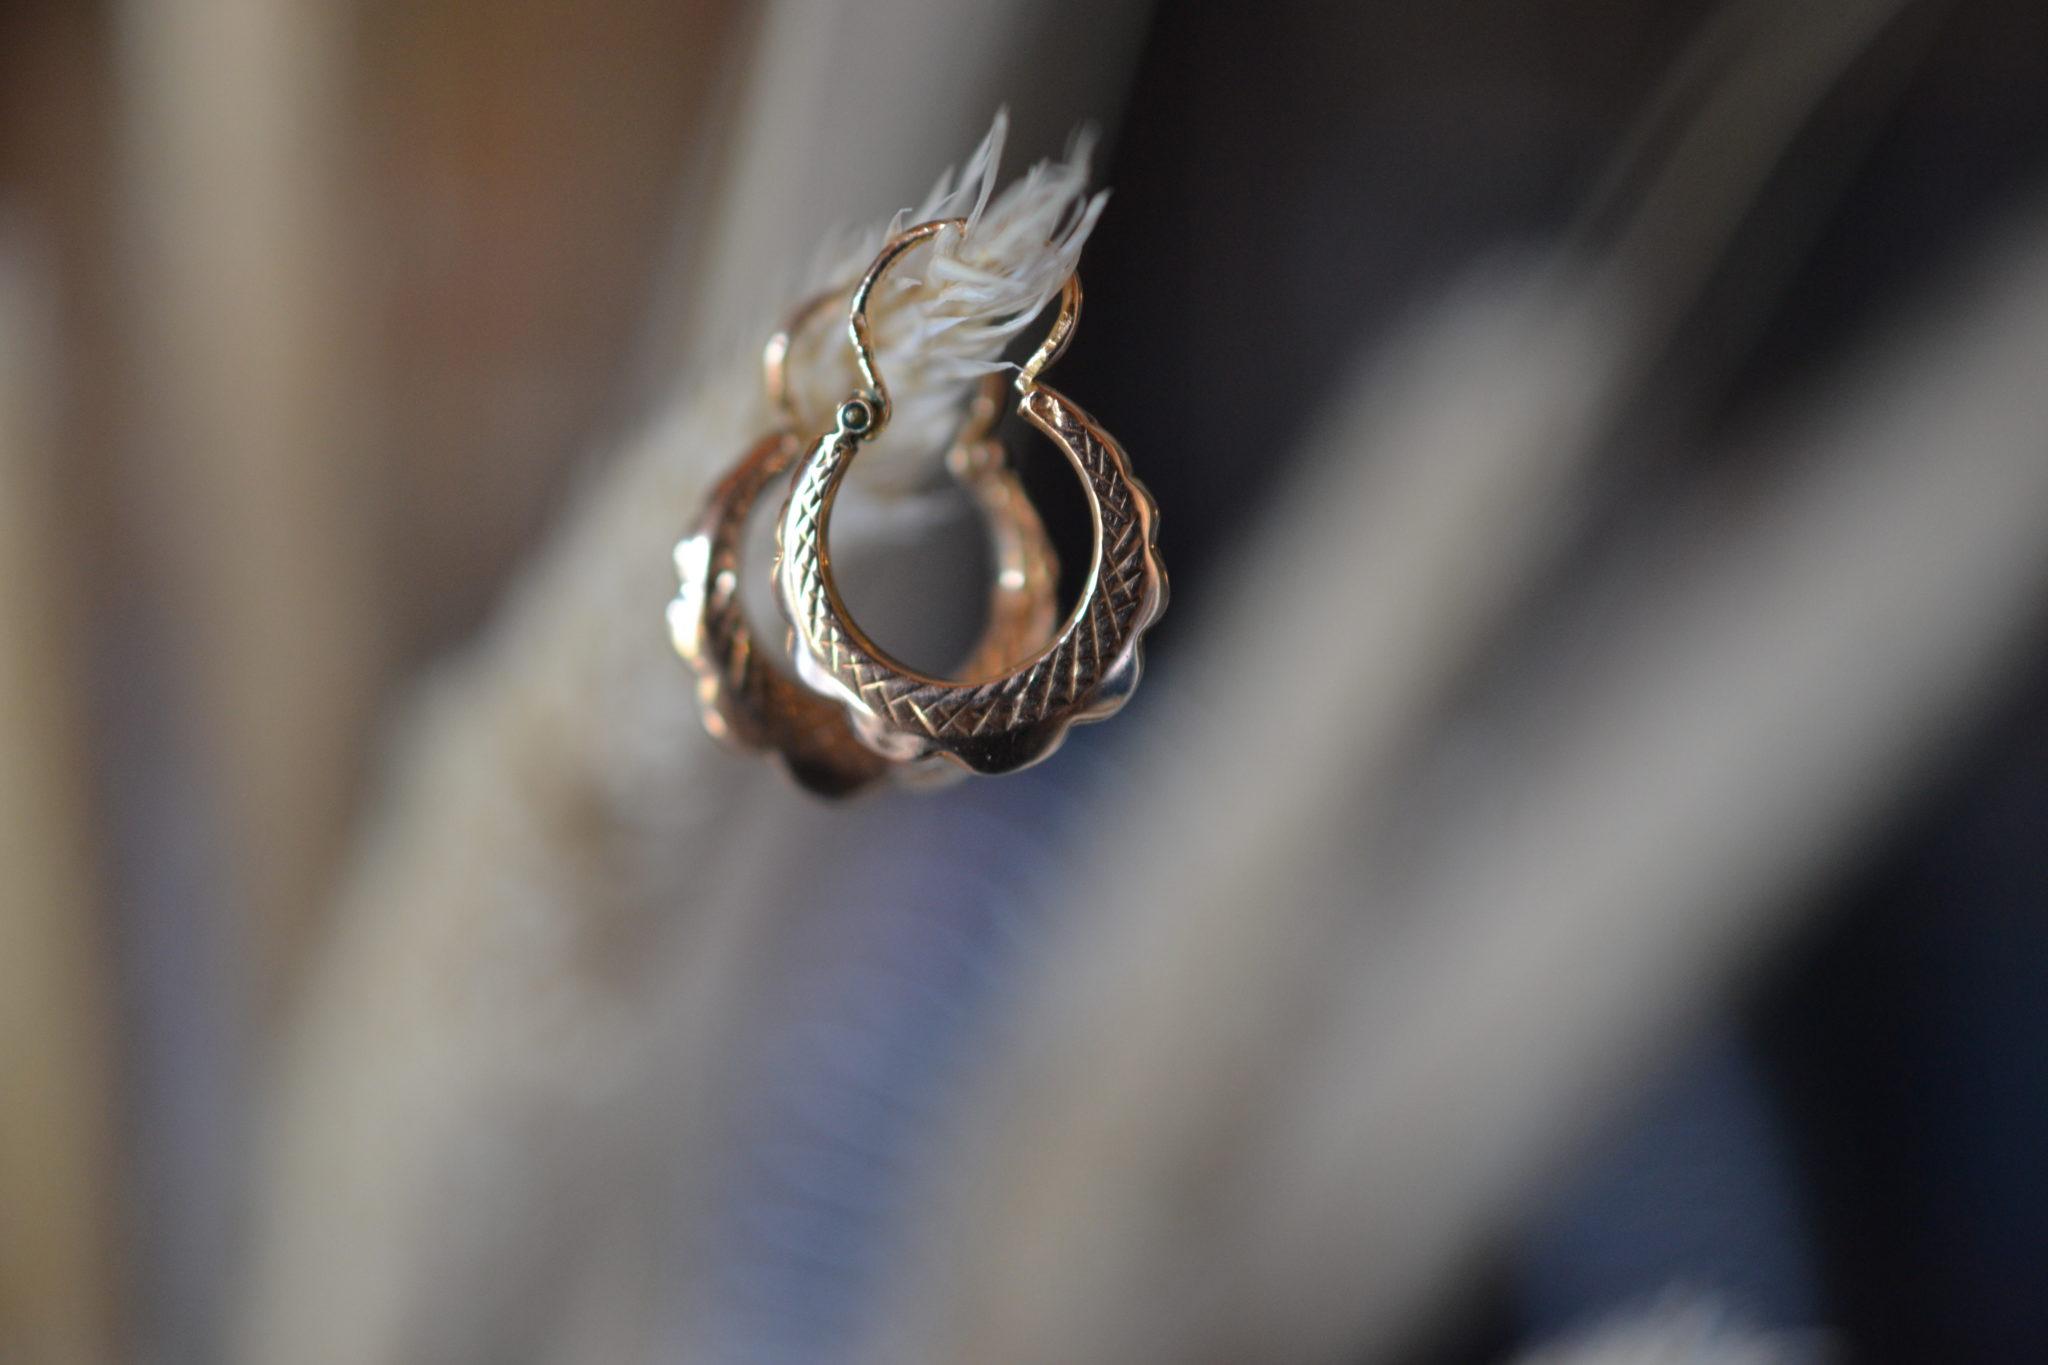 boucles d'oreilles anciennes en Or 18 carats 750:1000 - noircarat.fr - bijoux vintage en Or massif